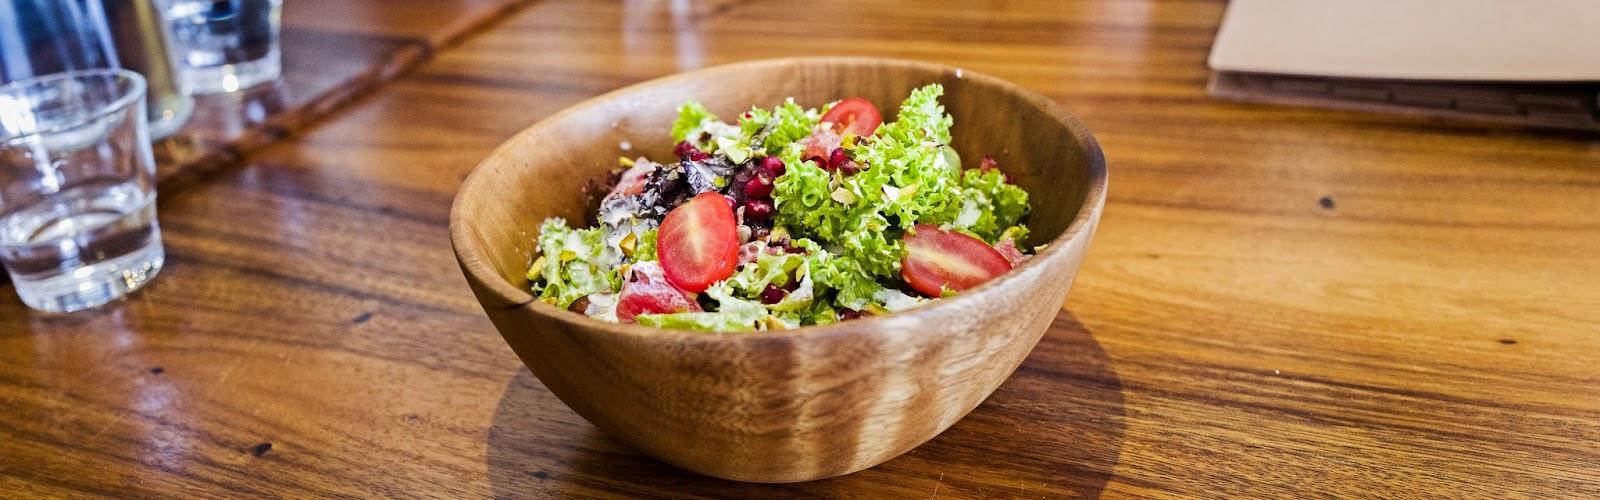 f-salad-L1050867.jpg